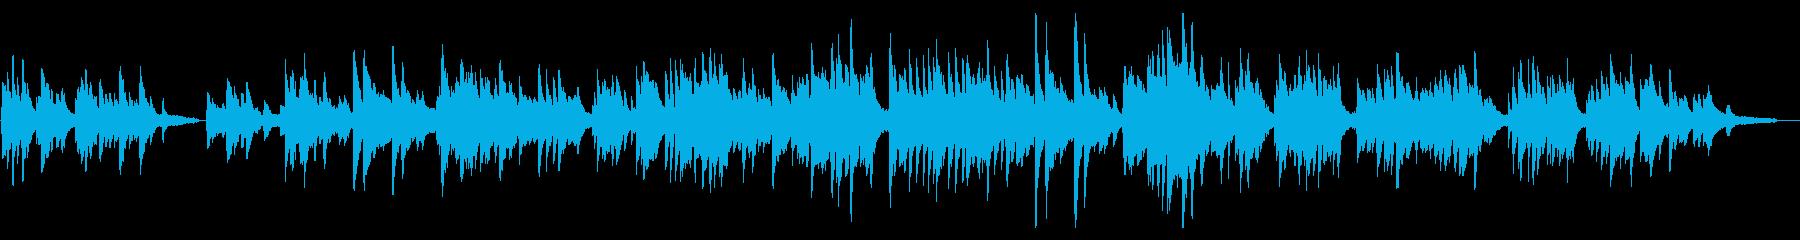 感動的な場で使えるピアノソロ曲の再生済みの波形